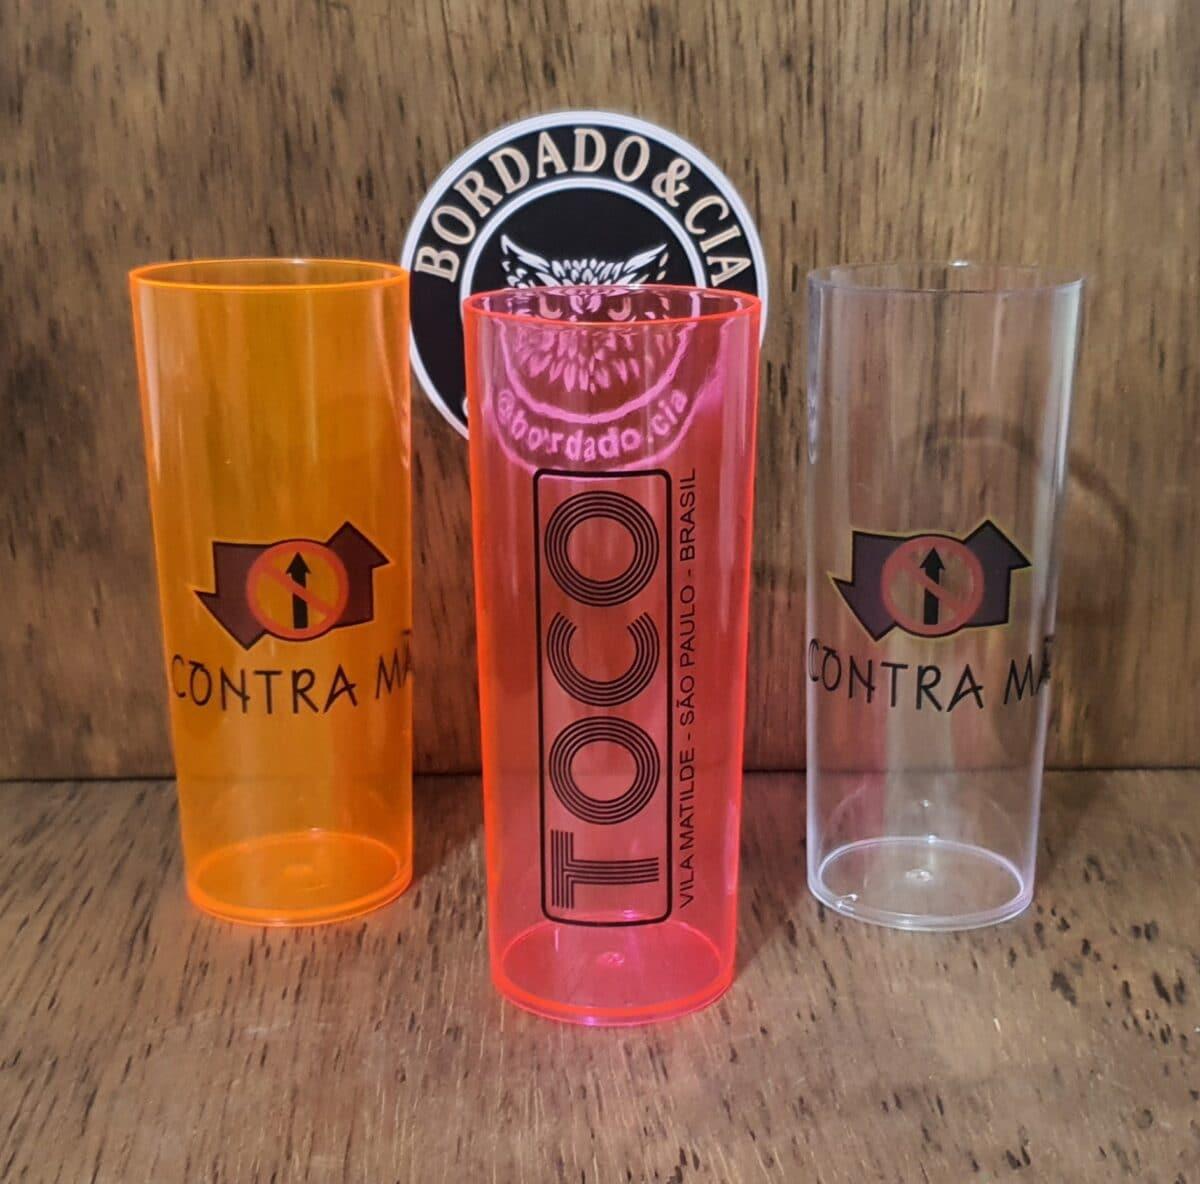 Copo Long Drink Oficial Contra Mão by Bordado & Cia - @bordado.cia; @dj.vadao; @danceteriacontramao; #danceteriacontramao